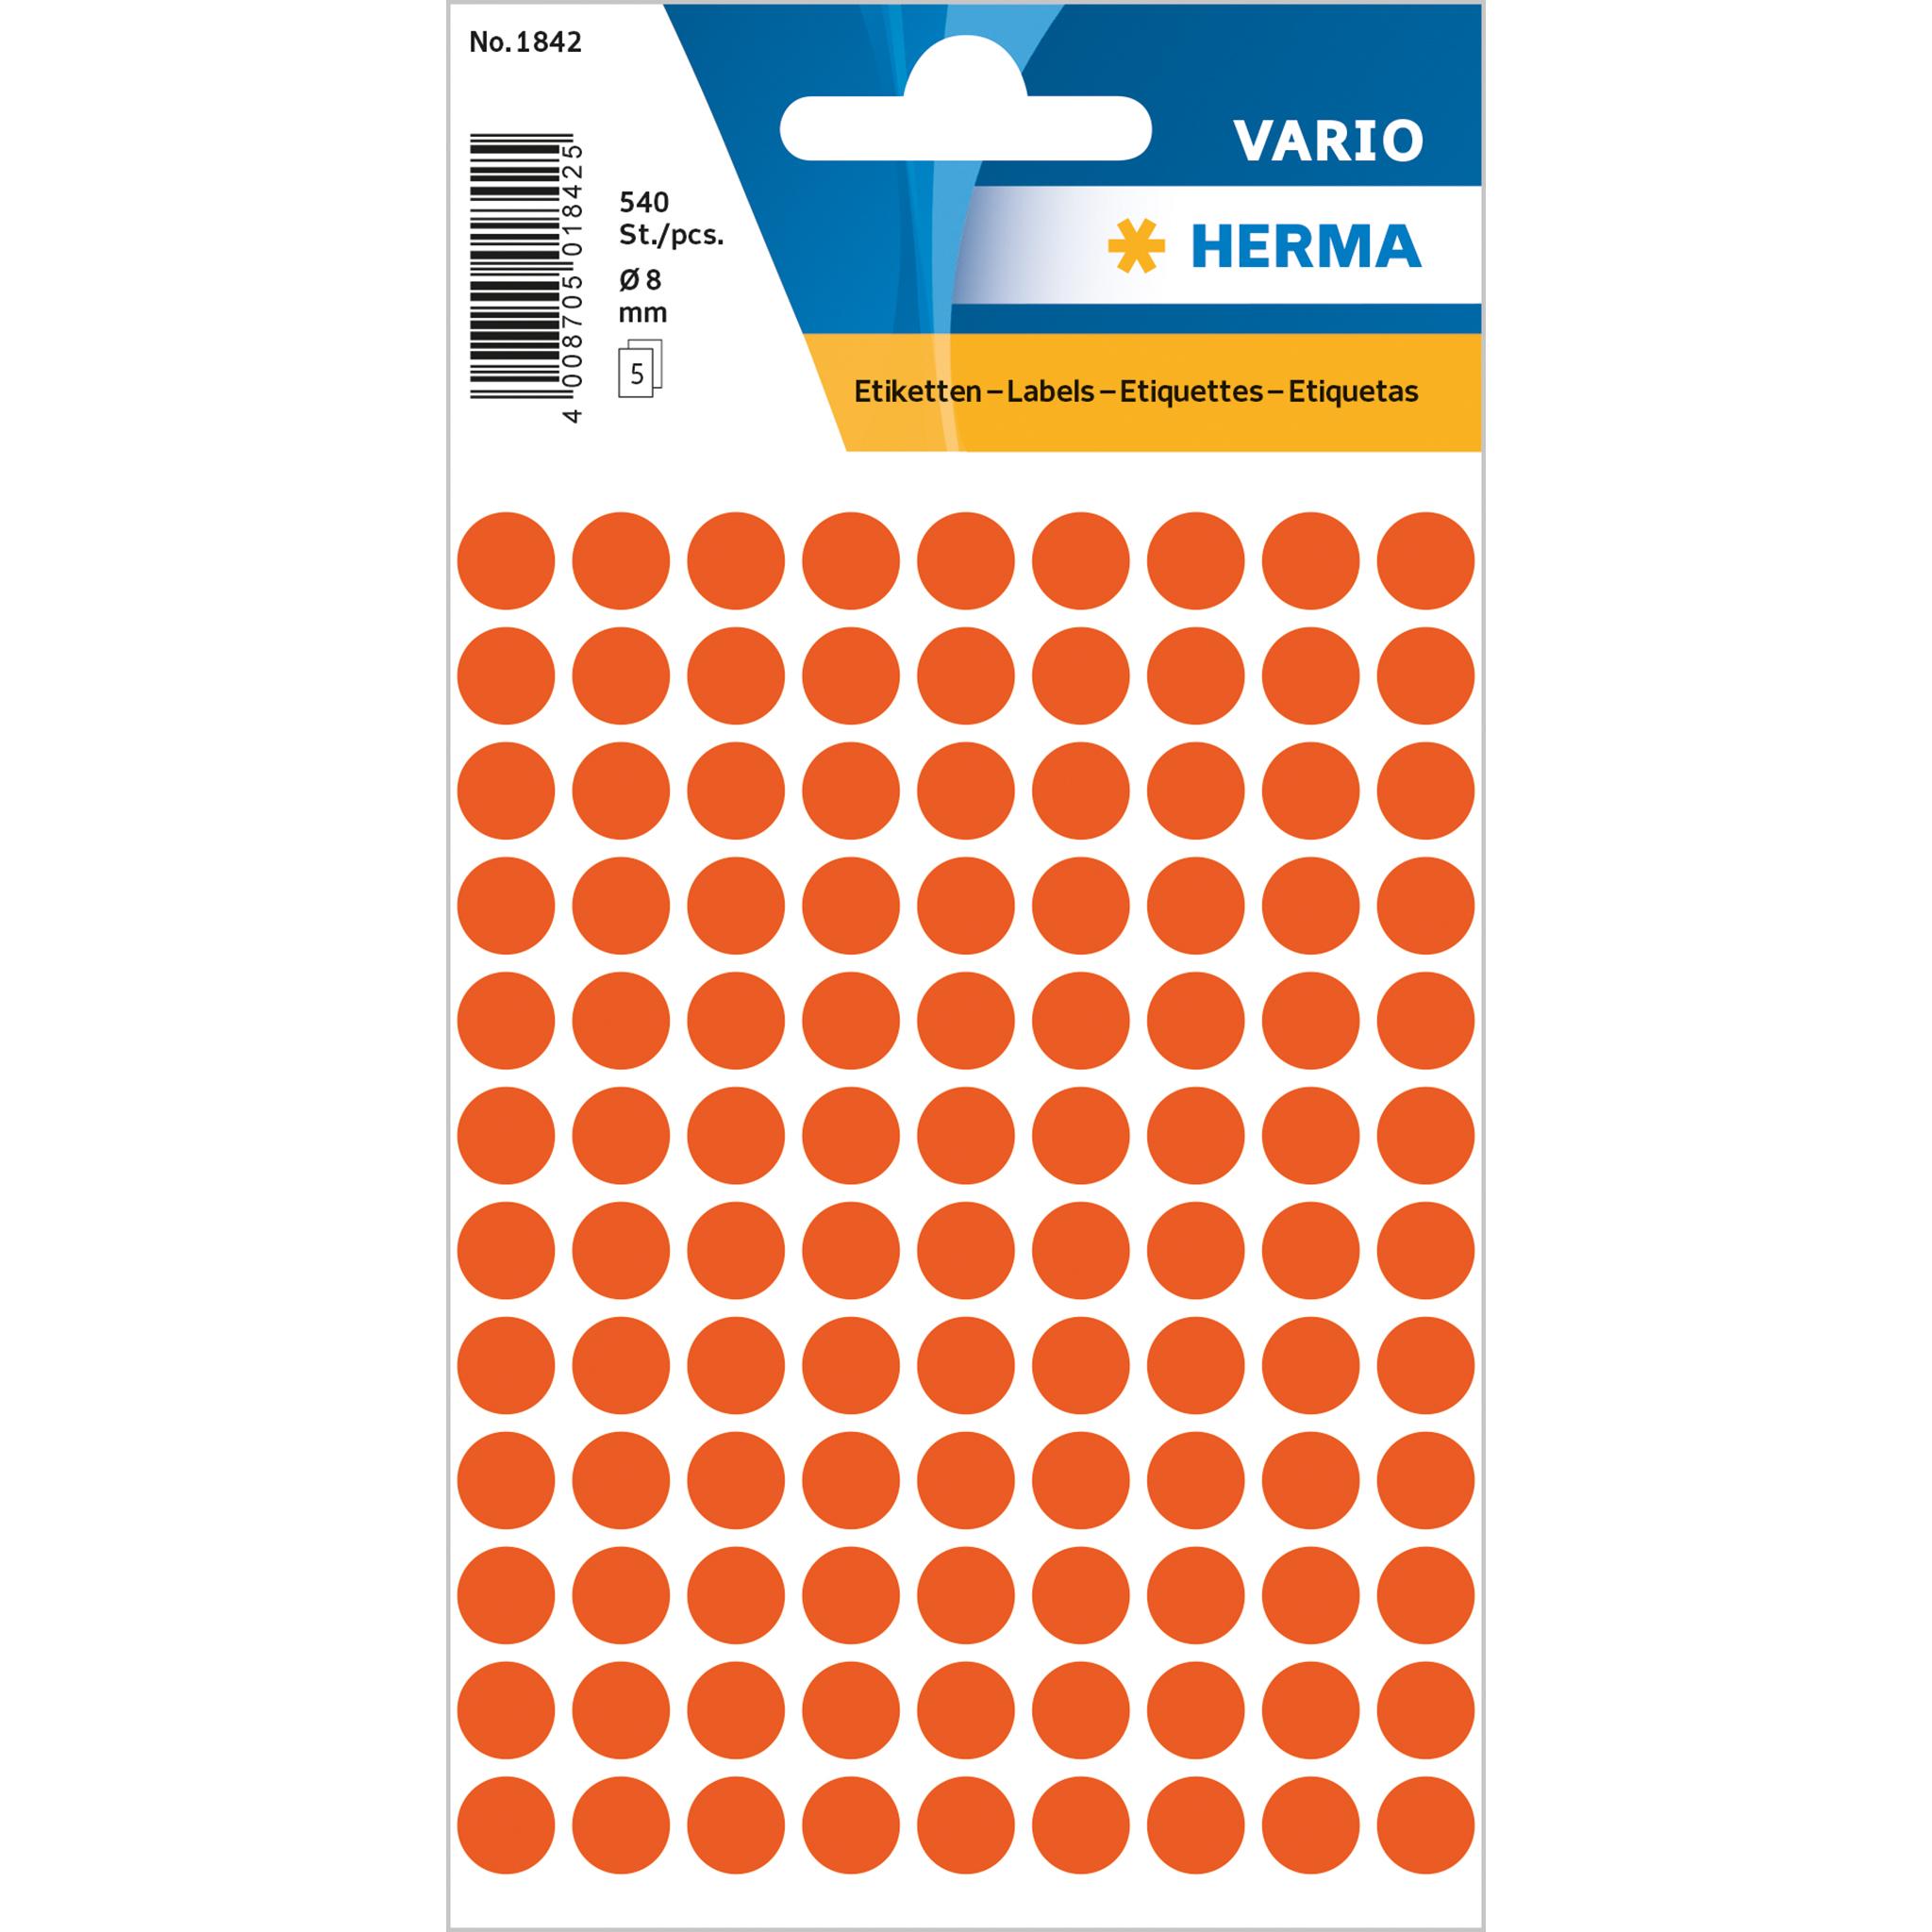 8 mm rot 5.632 Etiketten HERMA Markierungspunkte Durchmesser